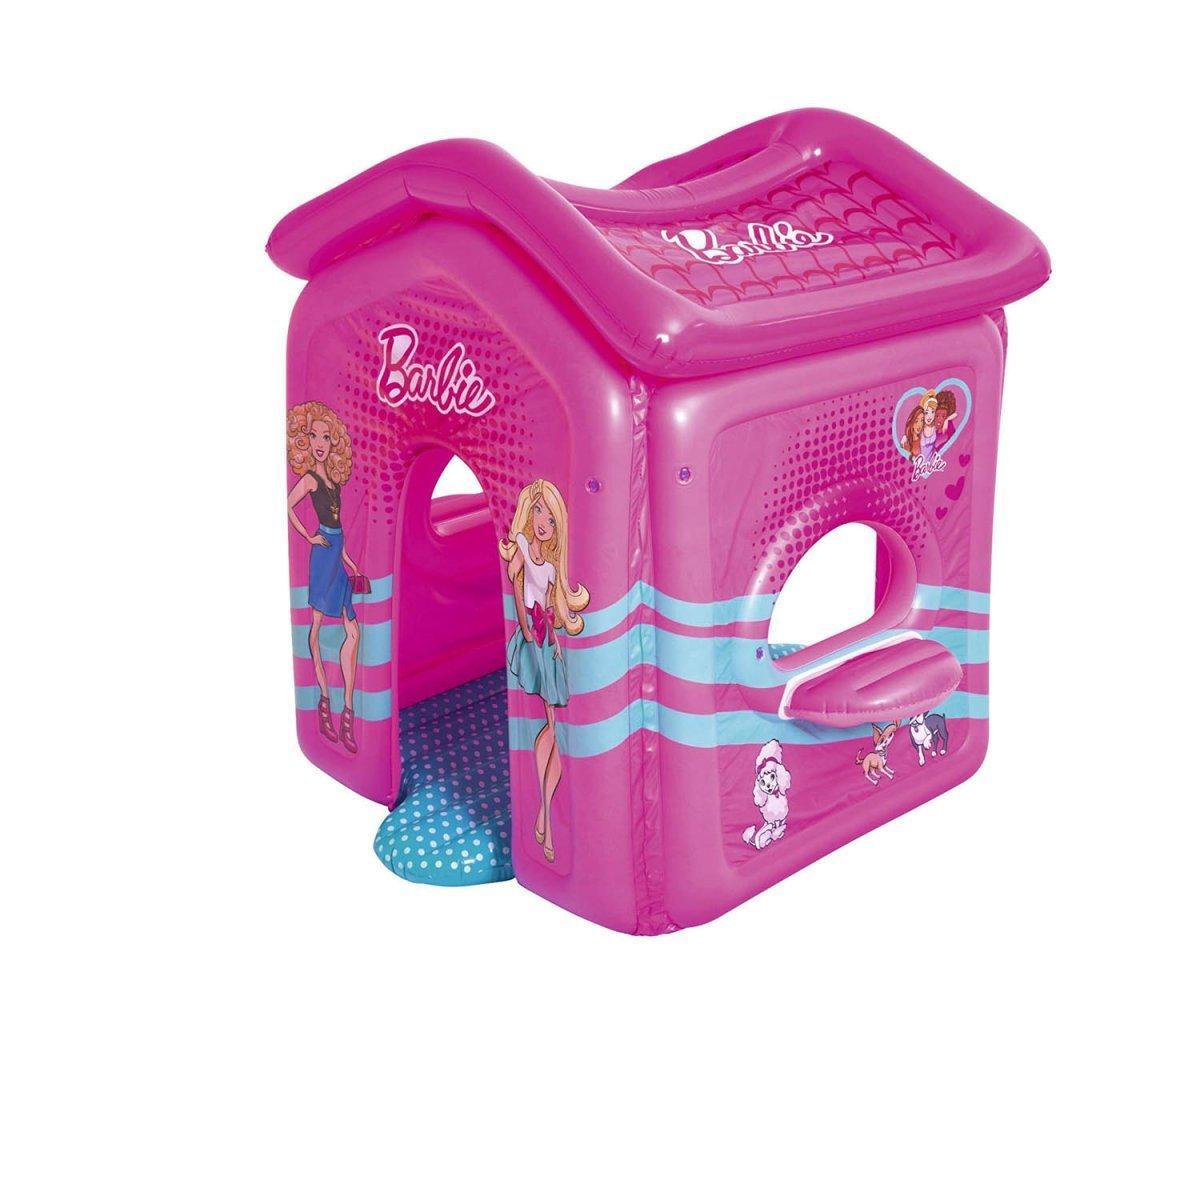 """Надувной игровой домик Bestway """"Барби"""" 150х135х142 см (93208)"""